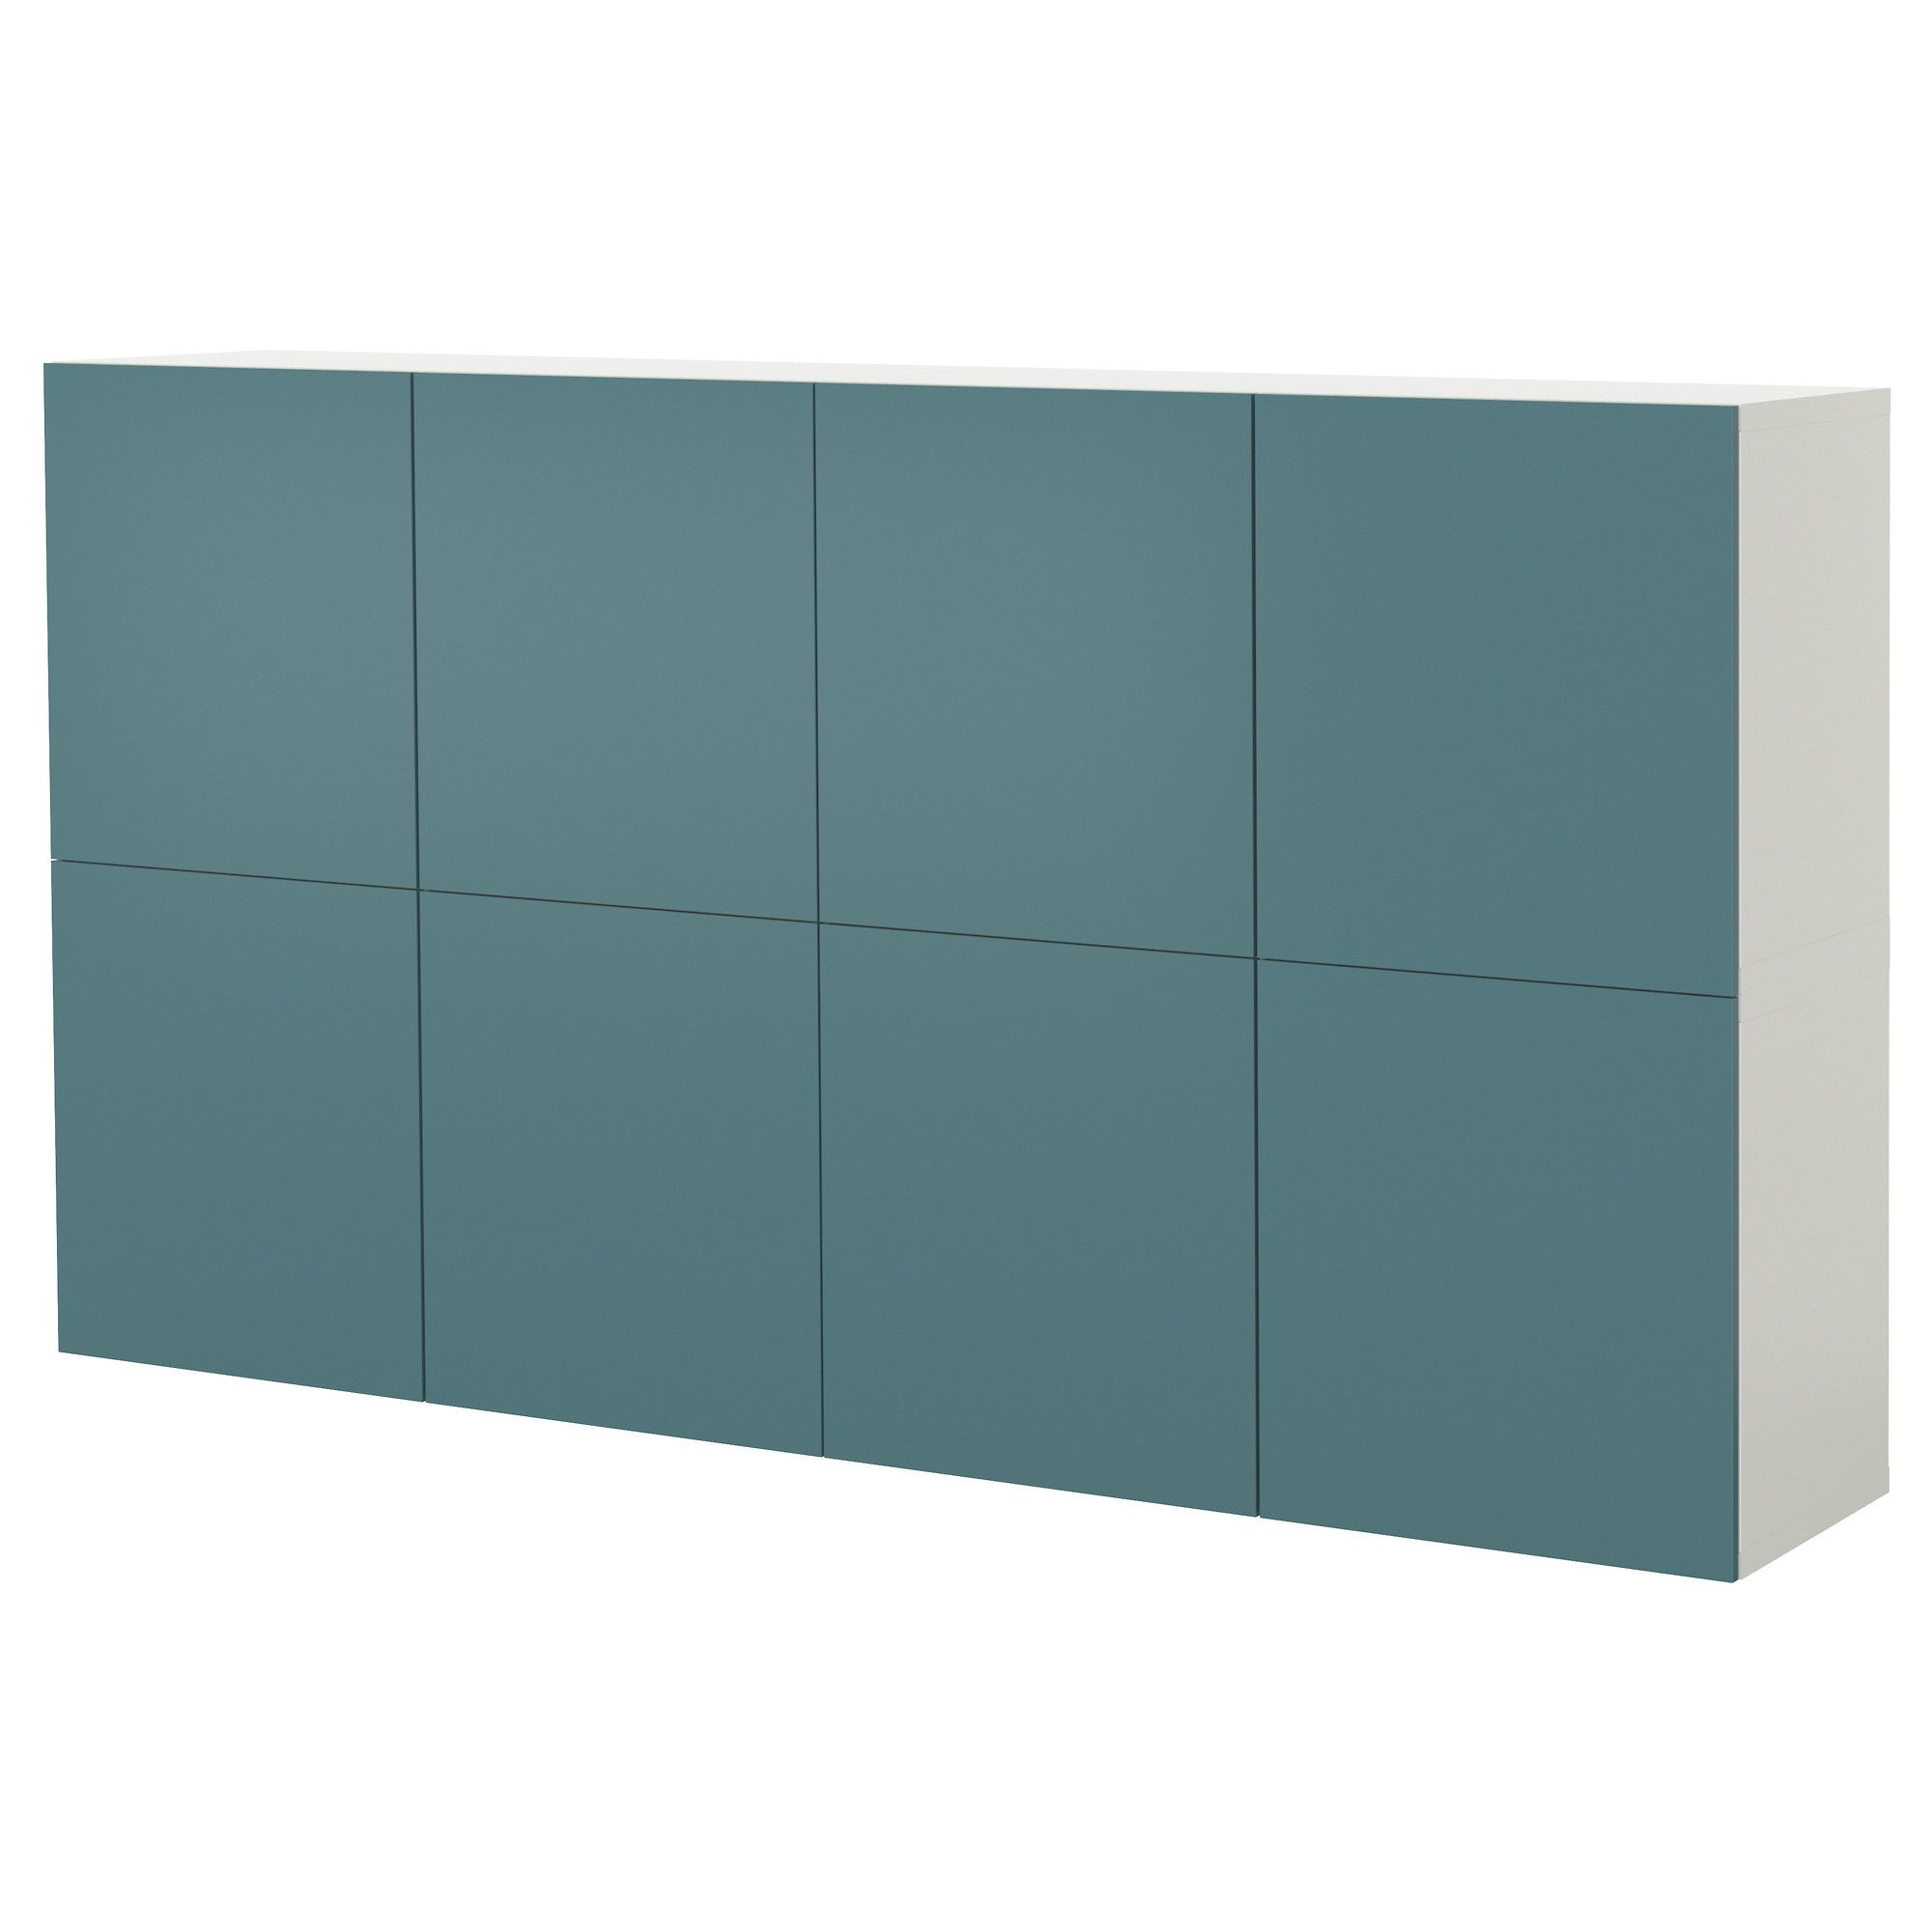 BESTÅ Opbevaring med døre - IKEA 2.400,-